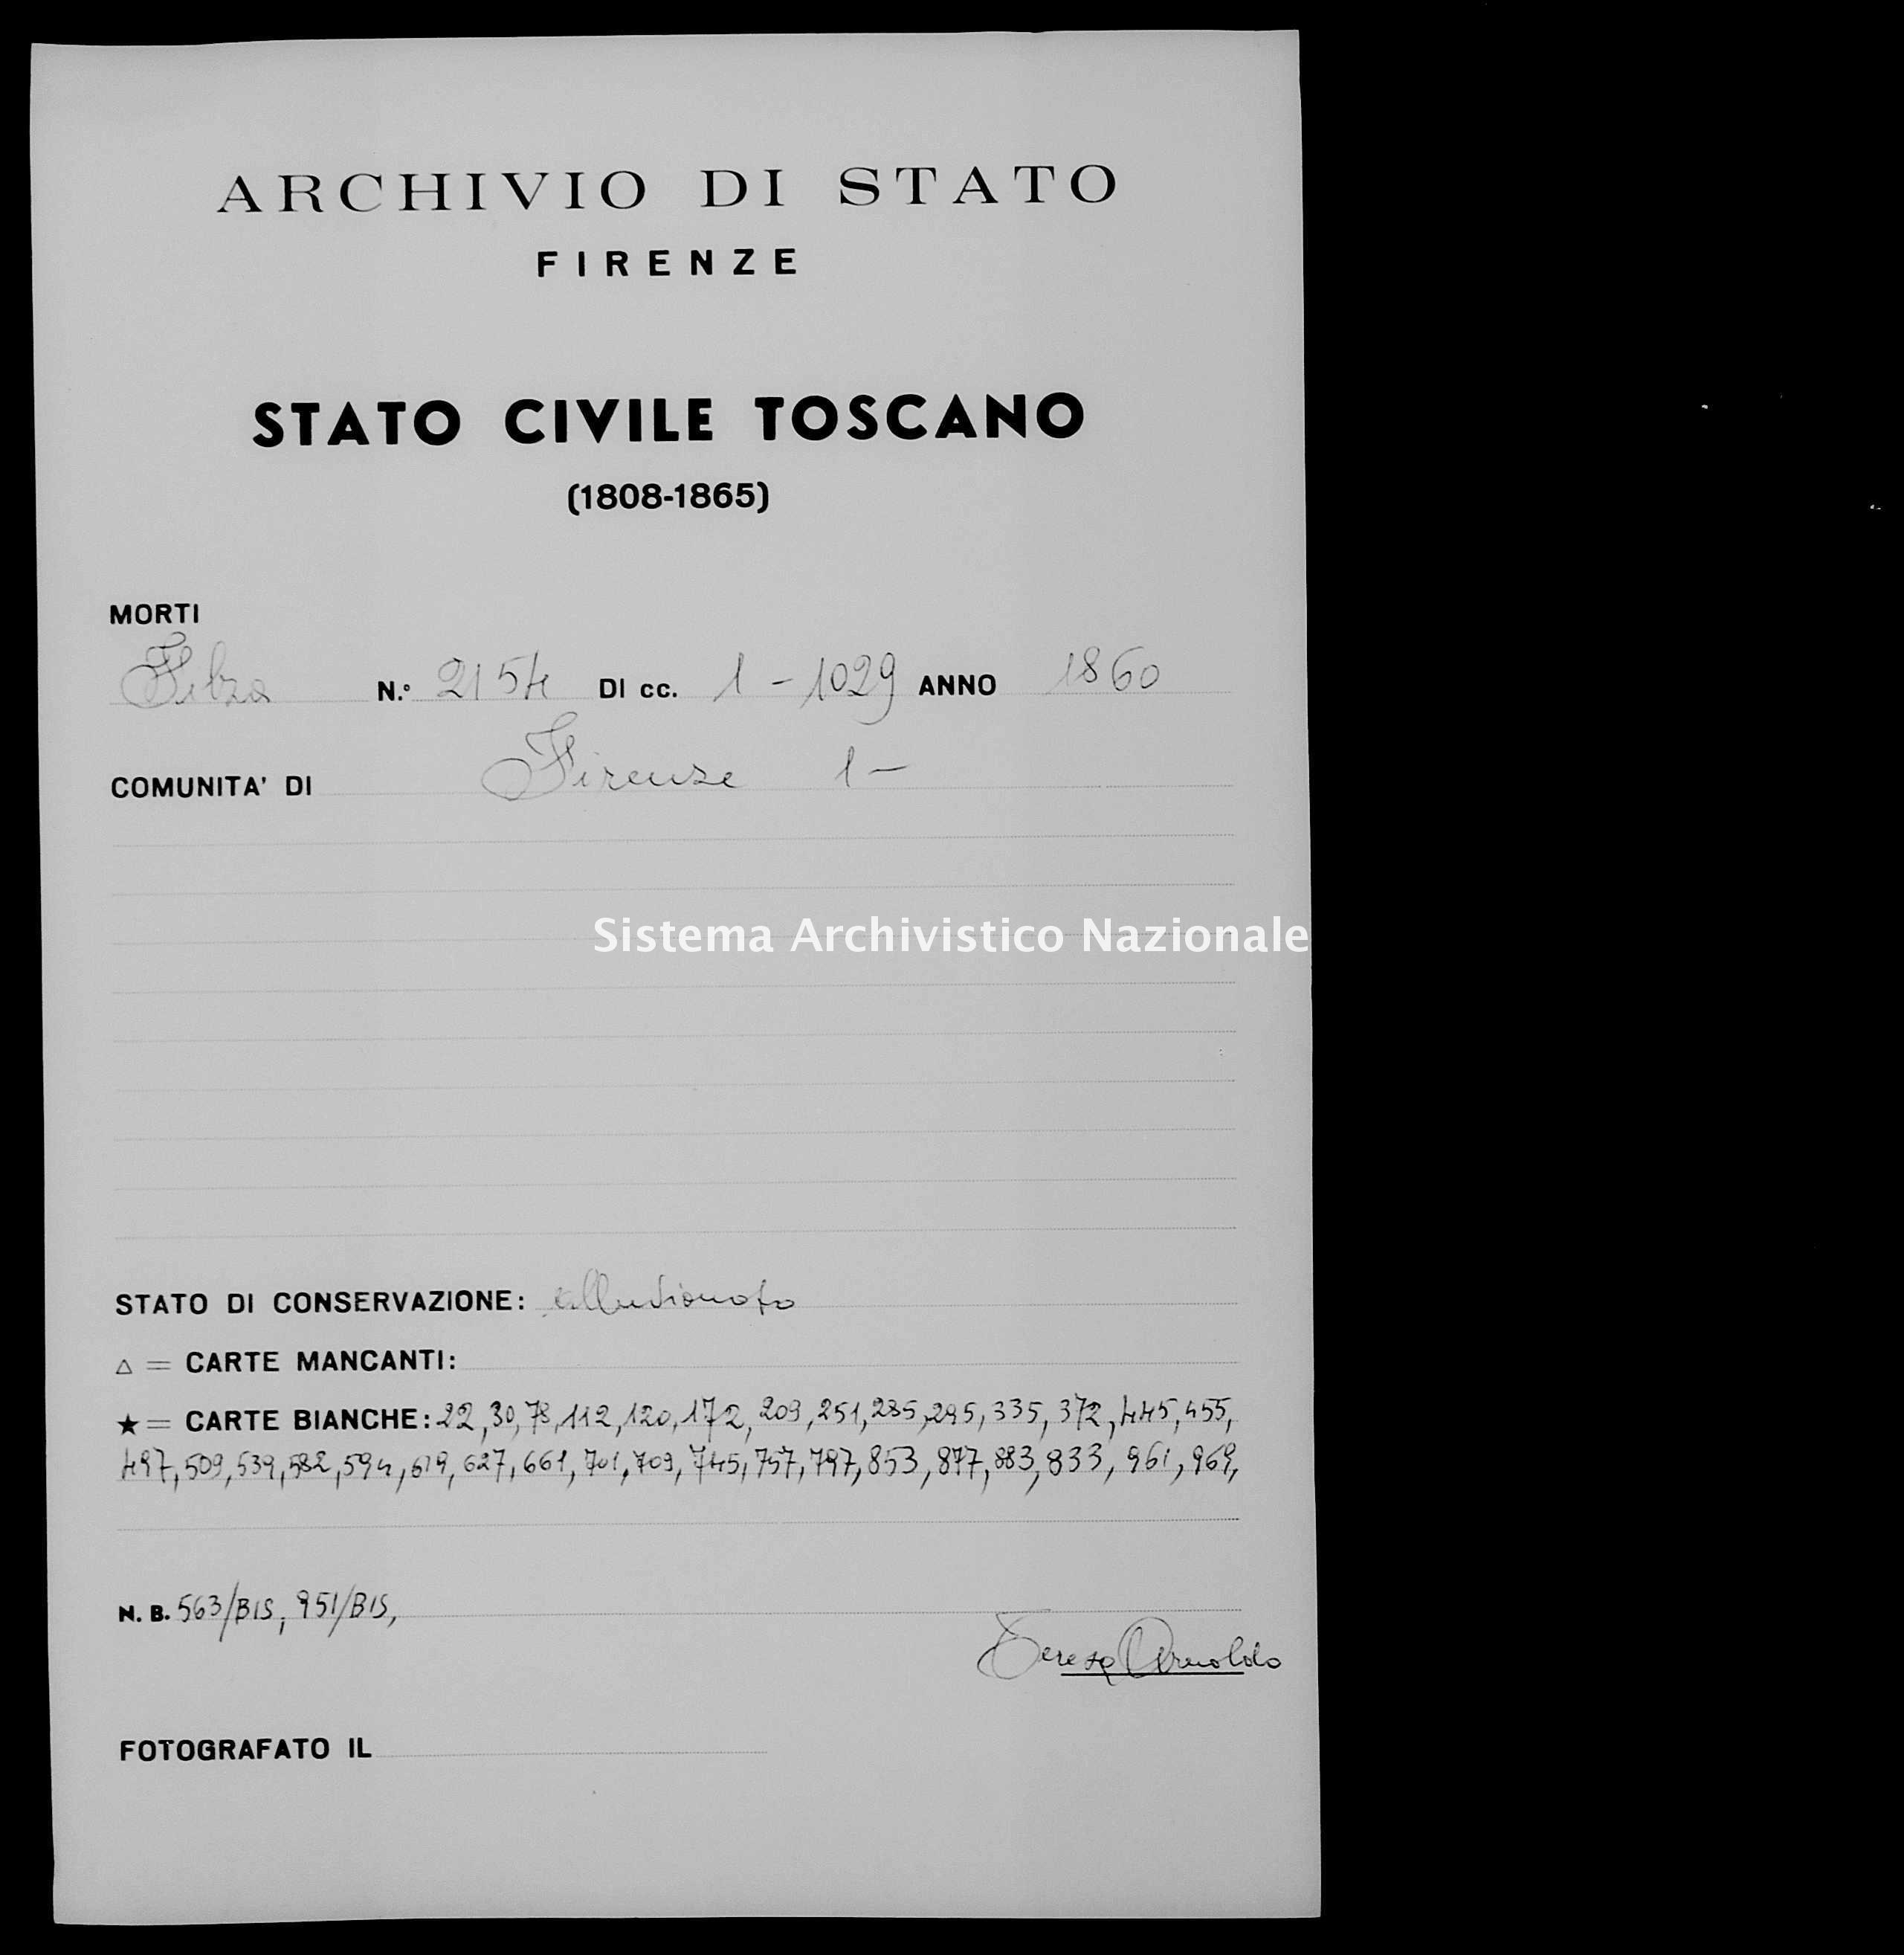 Archivio di stato di Firenze - Stato civile di Toscana (1808-1865) - Firenze - Morti - 1860 - 2154 -